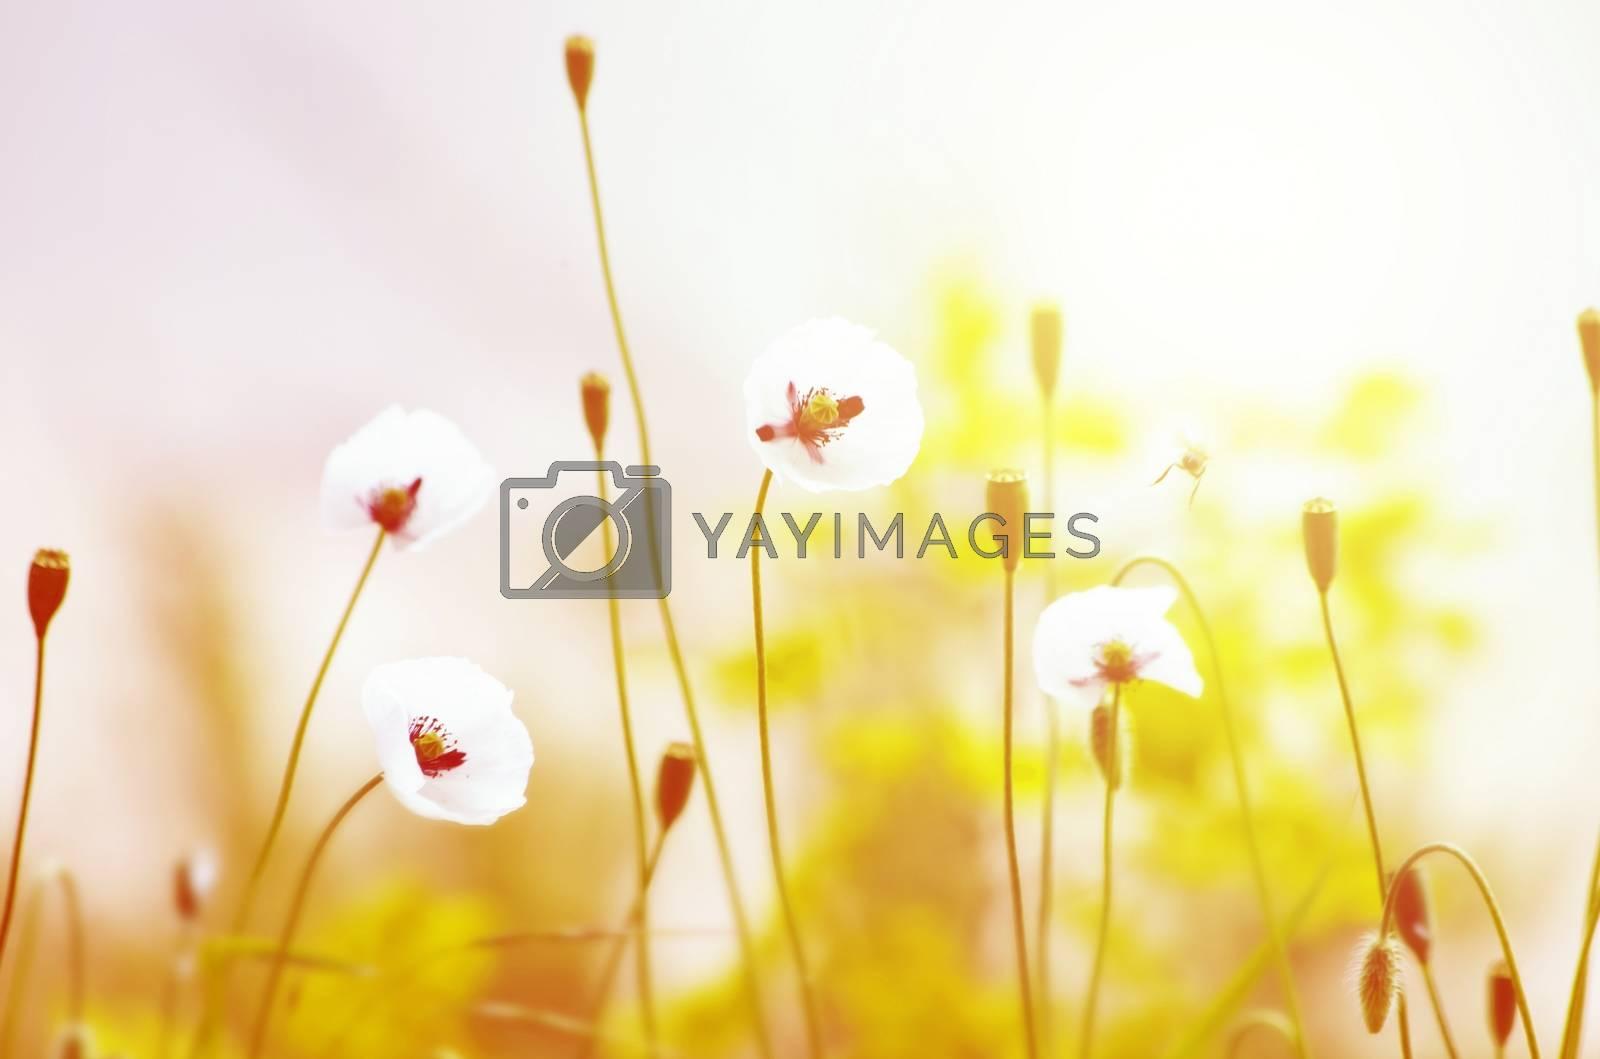 Royalty free image of Poppy Flower by razvodovska